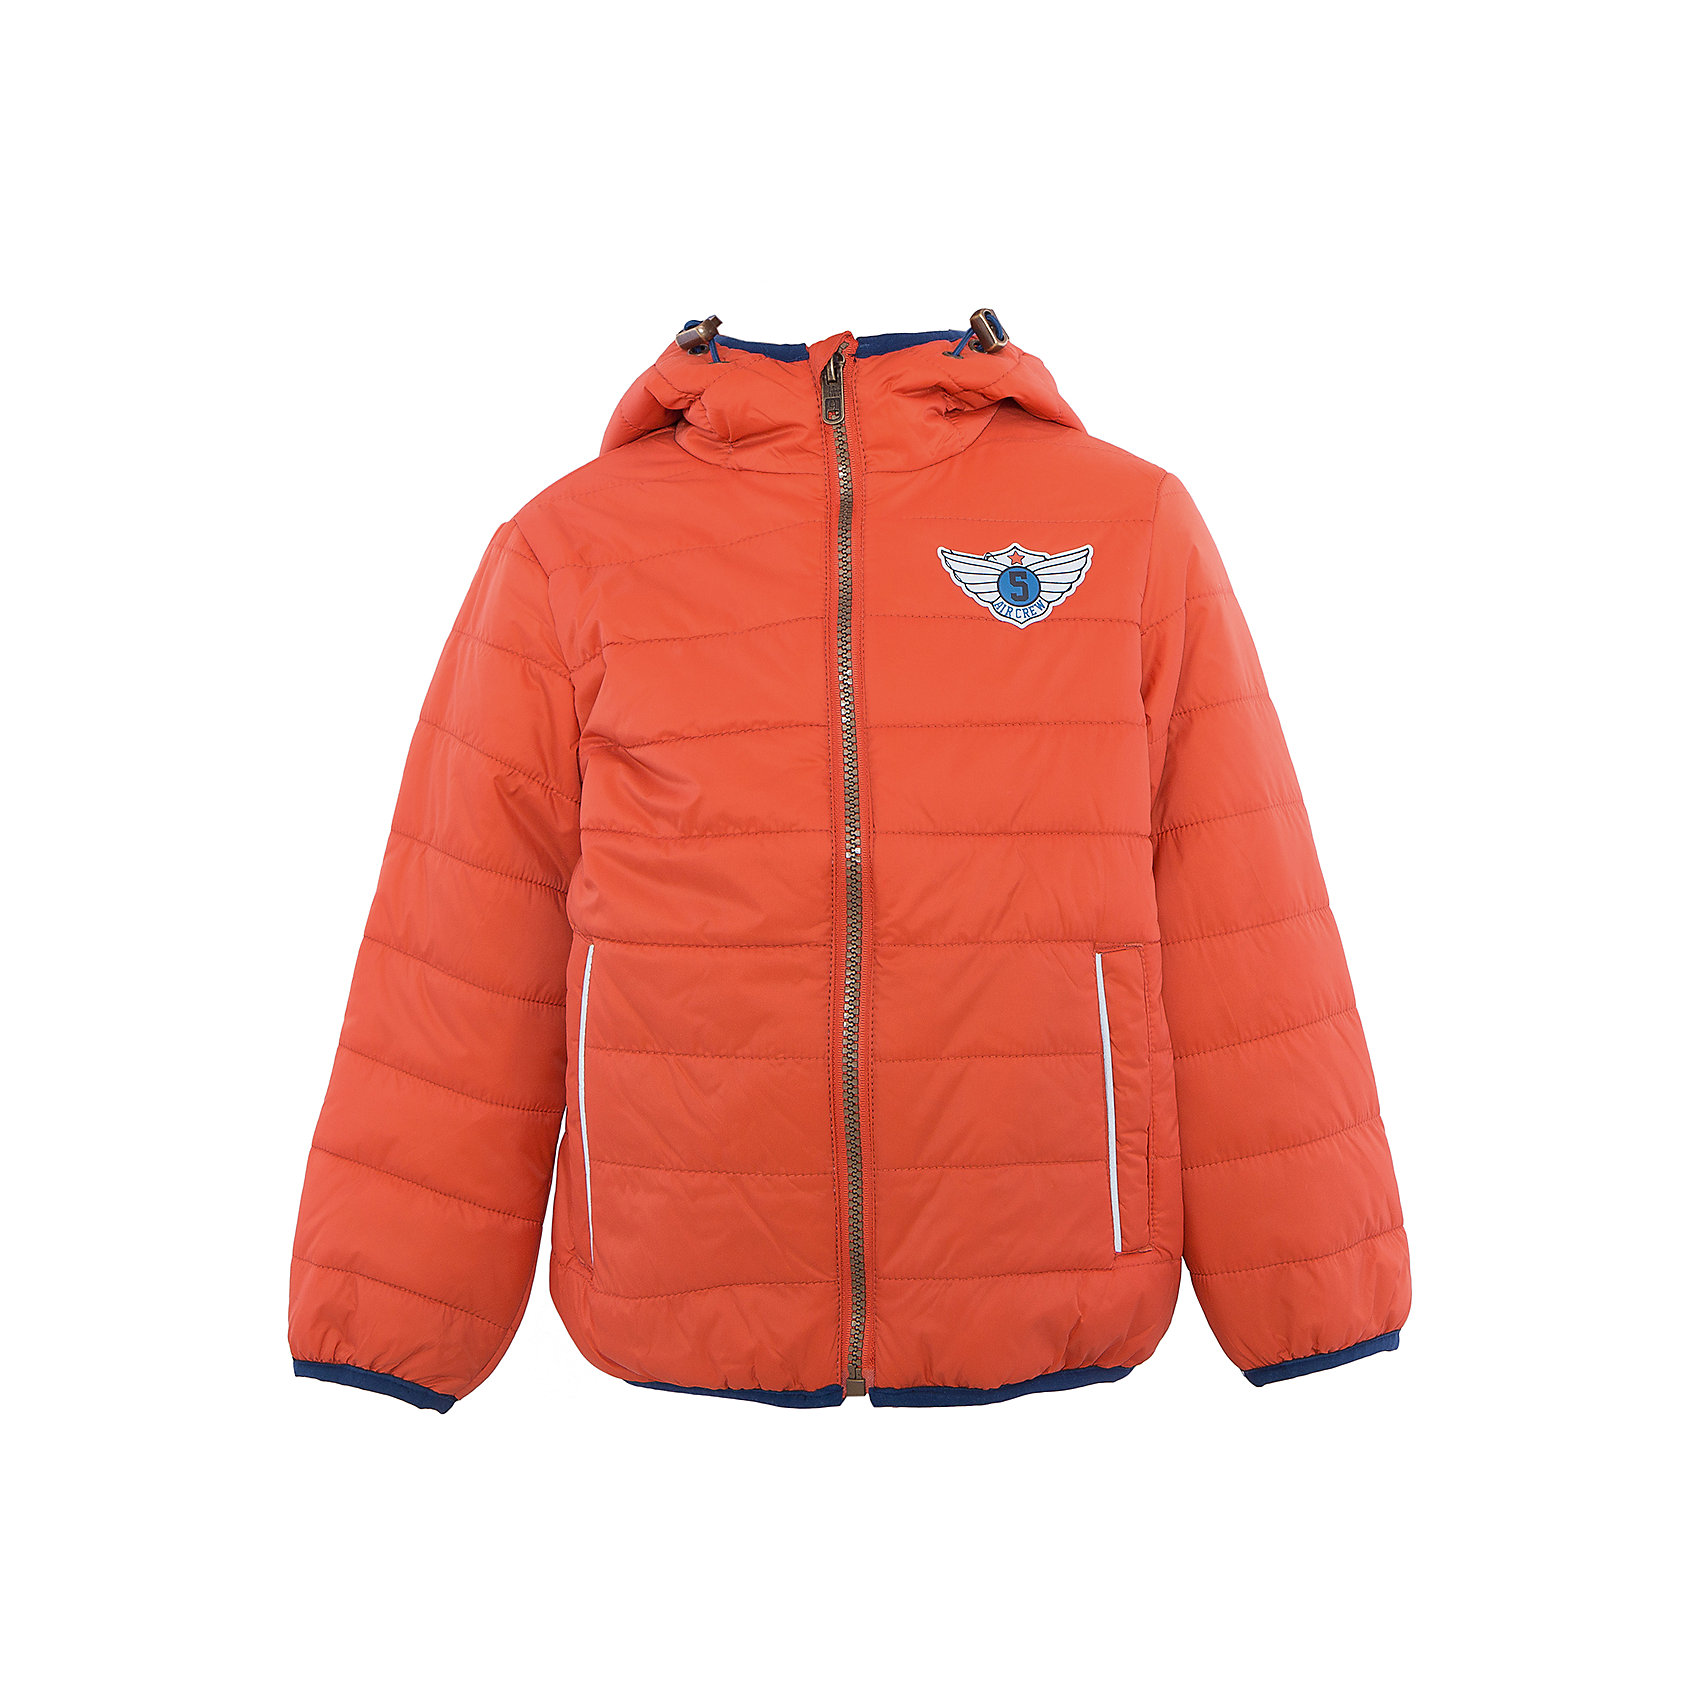 Куртка для мальчика SELAВерхняя одежда<br>Характеристики:<br><br>• Вид детской и подростковой одежды: куртка<br>• Пол: для мальчика<br>• Предназначение: повседневная<br>• Сезон: демисезон<br>• Температурный режим: до -5? С<br>• Тематика рисунка: без рисунка<br>• Цвет: оранжевый<br>• Материал: нейлон 100%, подклад – хлопок, 50%, утеплитель – полиэстер, 100%<br>• Силуэт: прямой<br>• Длина куртки: до середины бедра<br>• Капюшон: притачной, с карабинами<br>• Застежка: молния, спереди<br>• Спереди имеются карманы на молнии<br>• Особенности ухода: допускается щадящая стирка и химчистка<br><br>Куртка для мальчика SELA из коллекции детской и подростковой одежды от знаменитого торгового бренда, который производит удобную, комфортную и стильную одежду, предназначенную как для будней, так и для праздников. Куртка выполнена из нейлона, который обладает влагонепроницаемыми и ветрозащитными свойствами. Трикотажный подклад обеспечивает поддержание комфортной температуры. Длина куртки – средняя, что защищает спину от продувания. Спереди имеется застежка на молнии и два кармана. Притачной капюшон с регулируемой шириной и трикотажная окантовка изделия создают стильный дизайн . Стеганая курточка выполнена в ярком оранжевом цвете. <br><br>Куртку для мальчика SELA можно купить в нашем интернет-магазине.<br>Состав:<br>100% нейлон<br><br>Ширина мм: 356<br>Глубина мм: 10<br>Высота мм: 245<br>Вес г: 519<br>Цвет: оранжевый<br>Возраст от месяцев: 60<br>Возраст до месяцев: 72<br>Пол: Мужской<br>Возраст: Детский<br>Размер: 116,98,104,110<br>SKU: 5305113